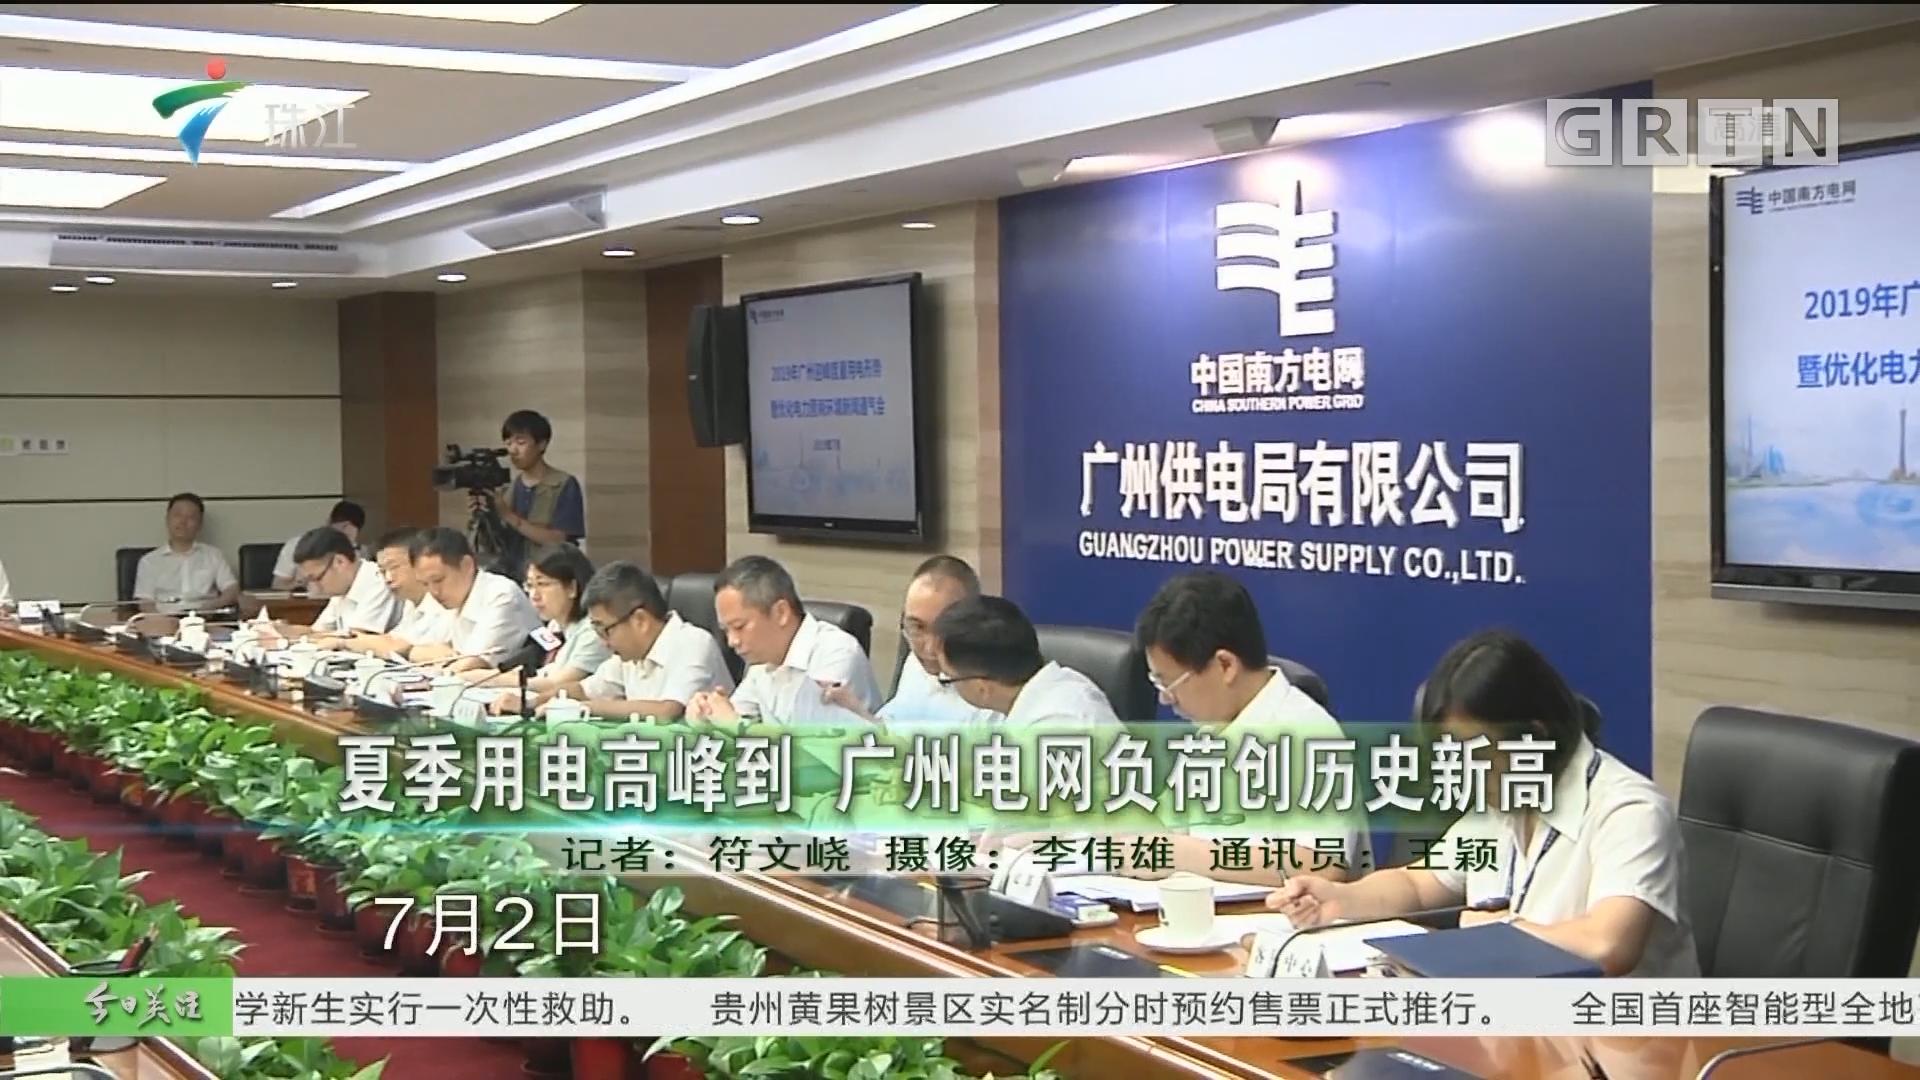 夏季用電高峰到 廣州電網負荷創歷史新高